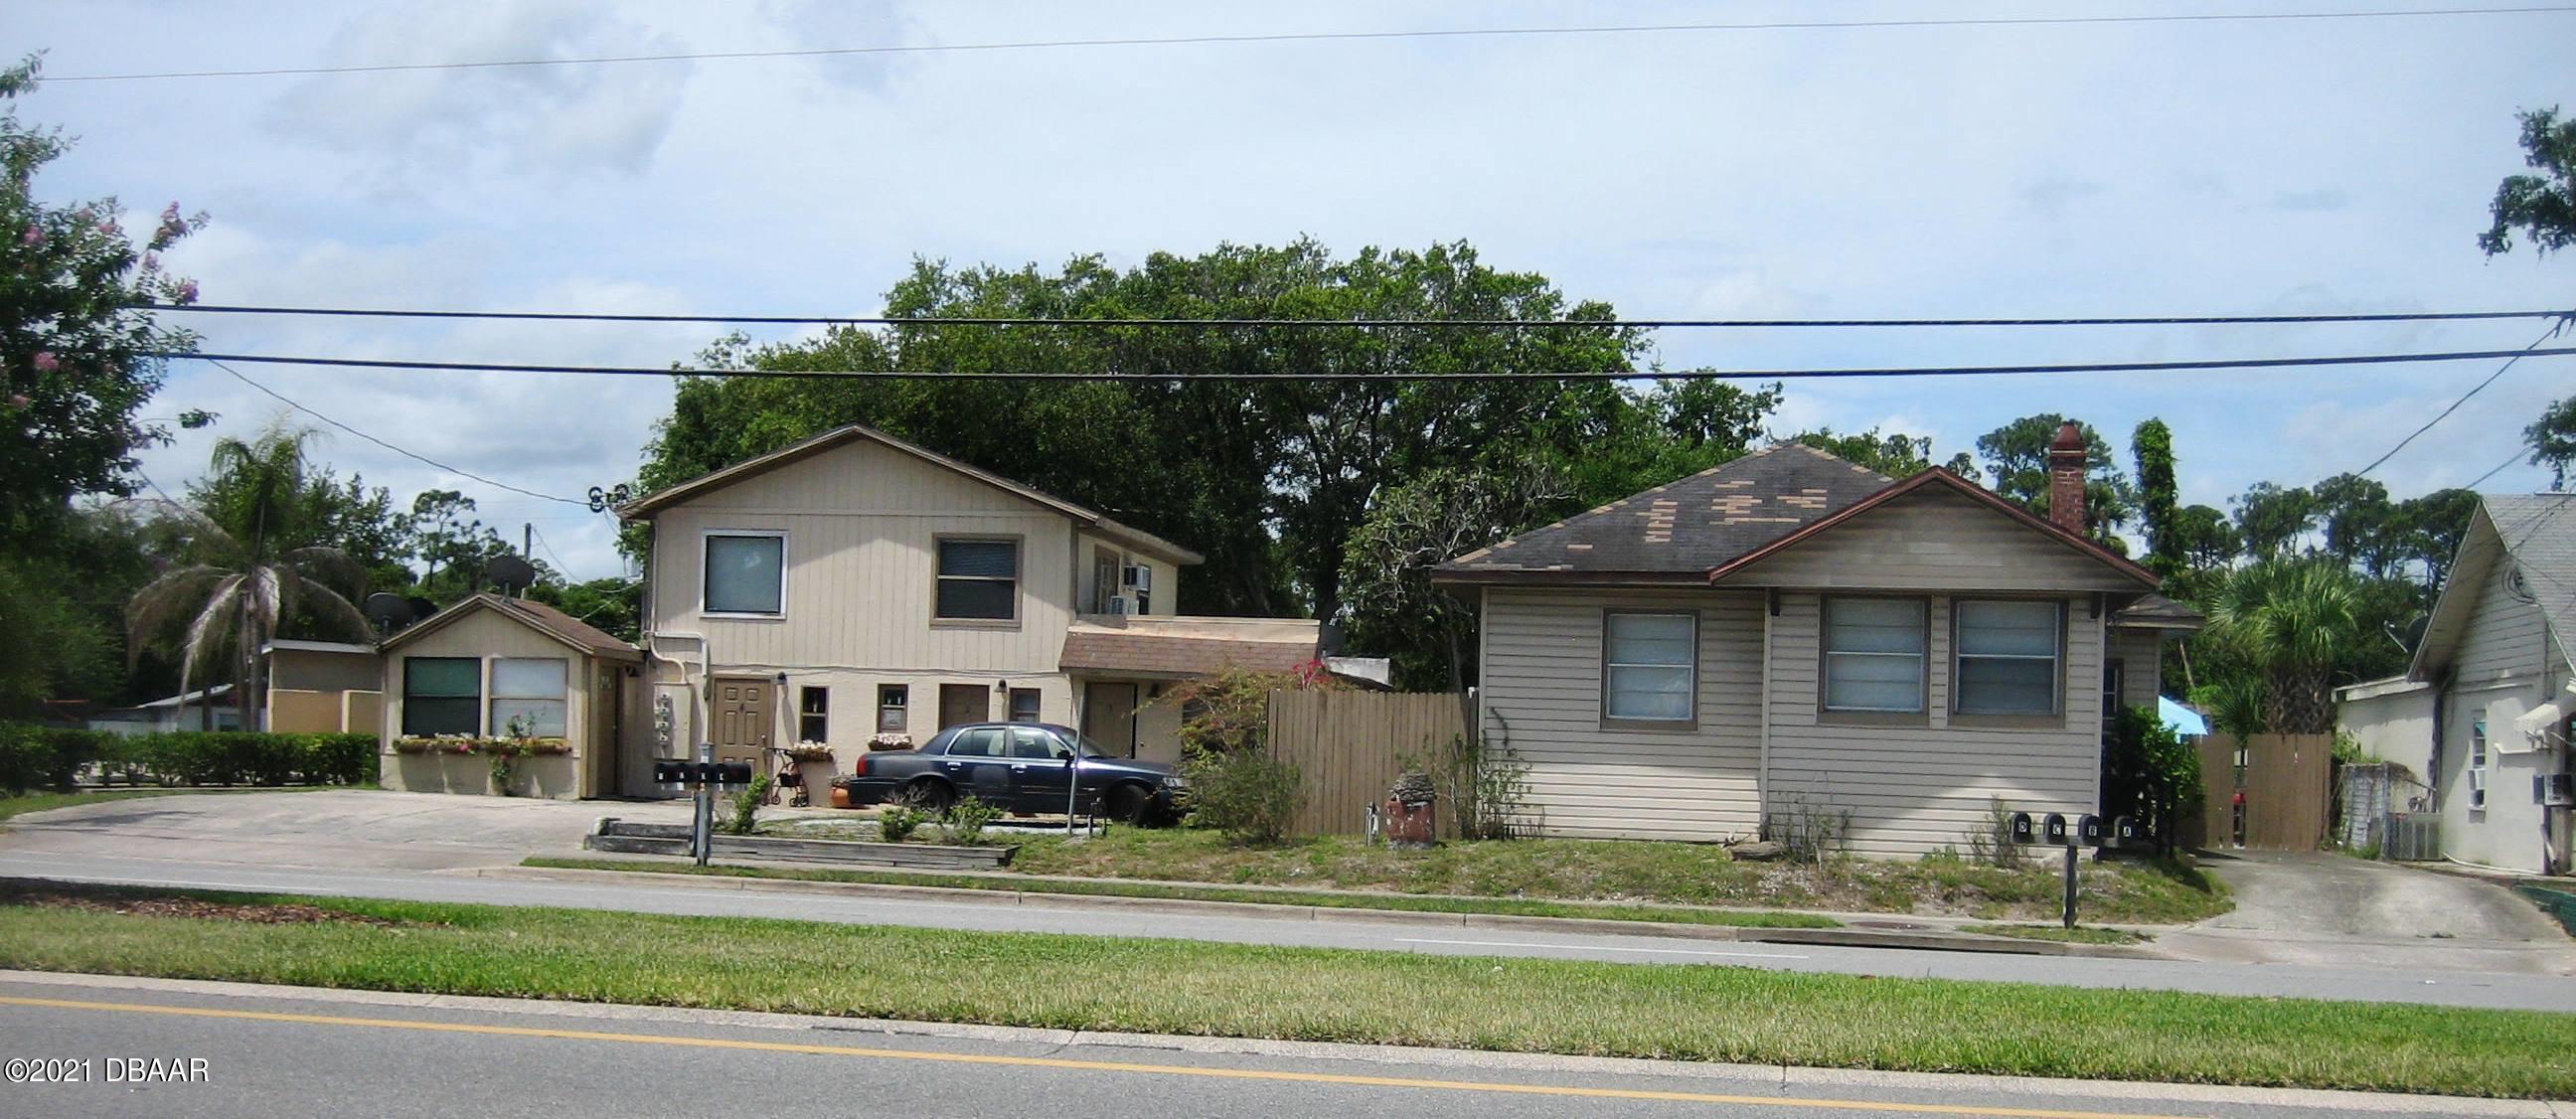 Details for 5038 Ridgewood Avenue, Port Orange, FL 32127